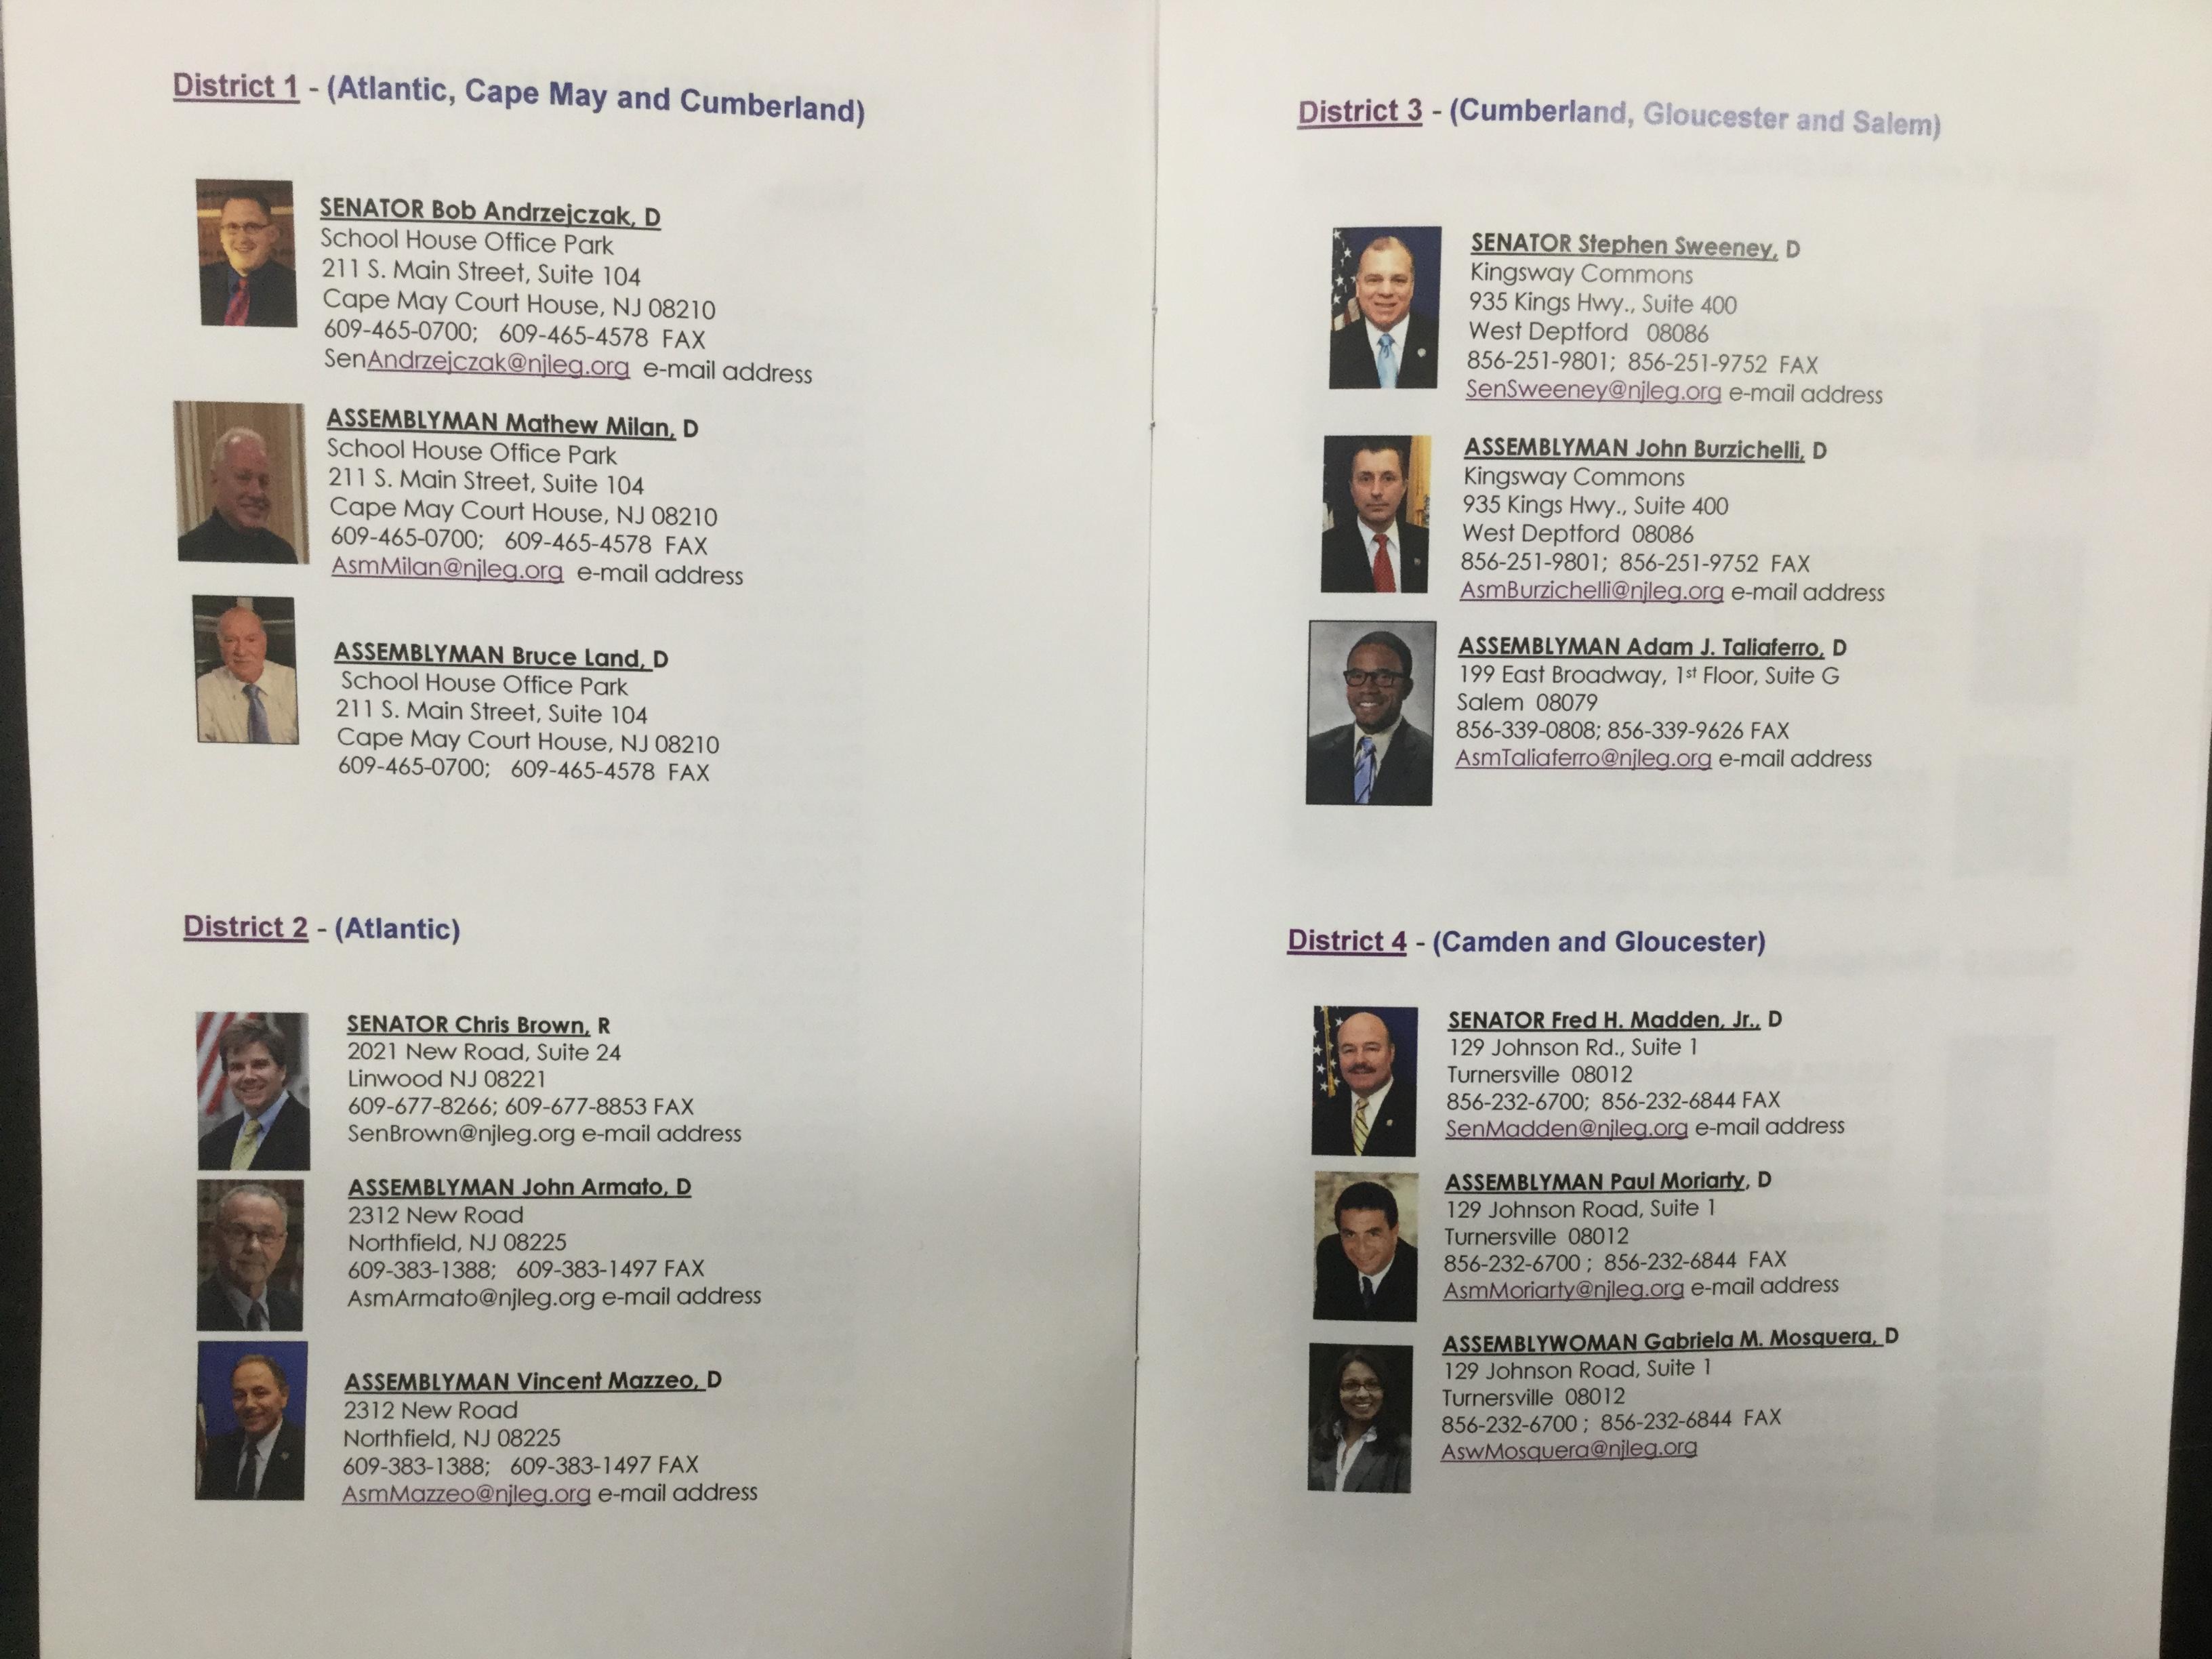 legislators LD 1-4